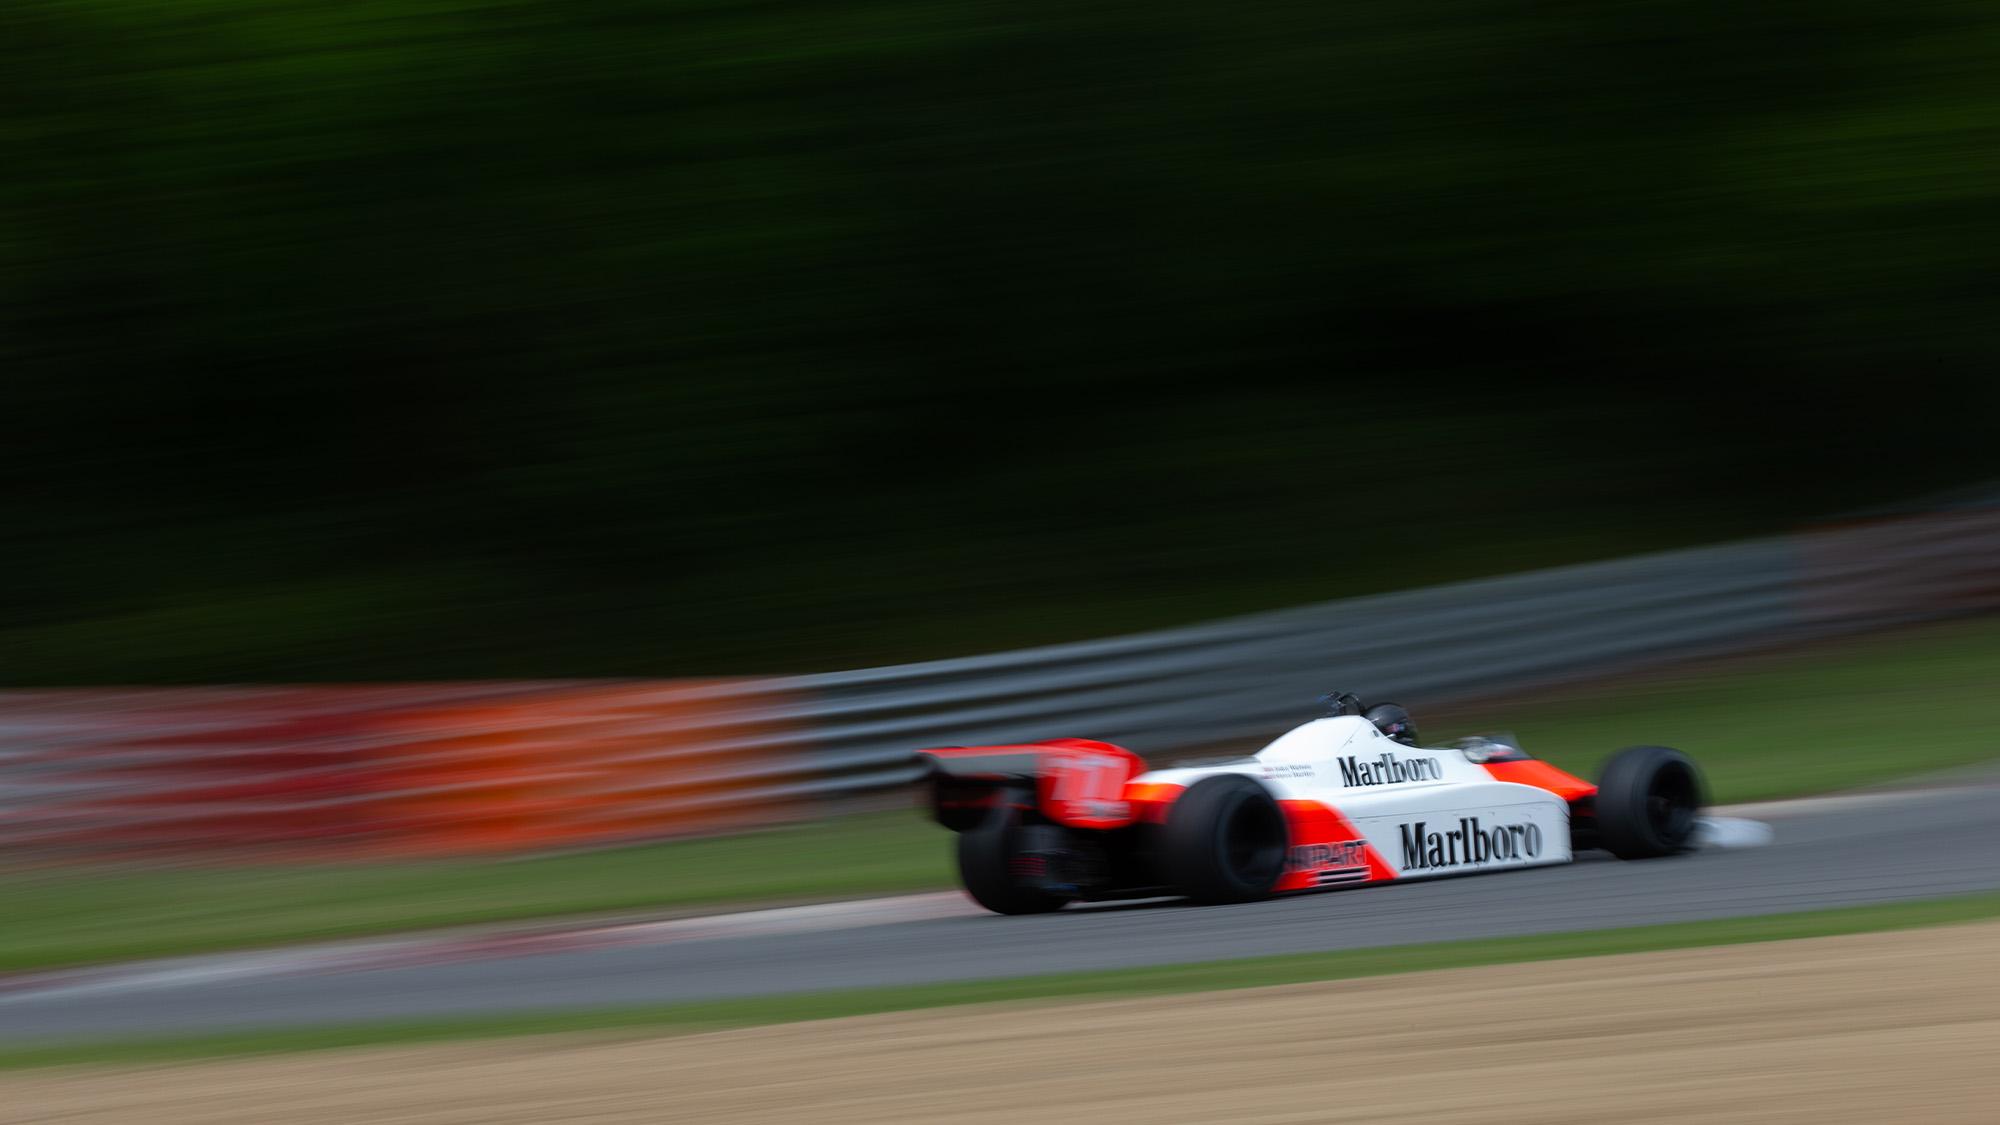 Steve Hartley McLaren MP4-1 at Brands Hatch 2021 - rear tq view